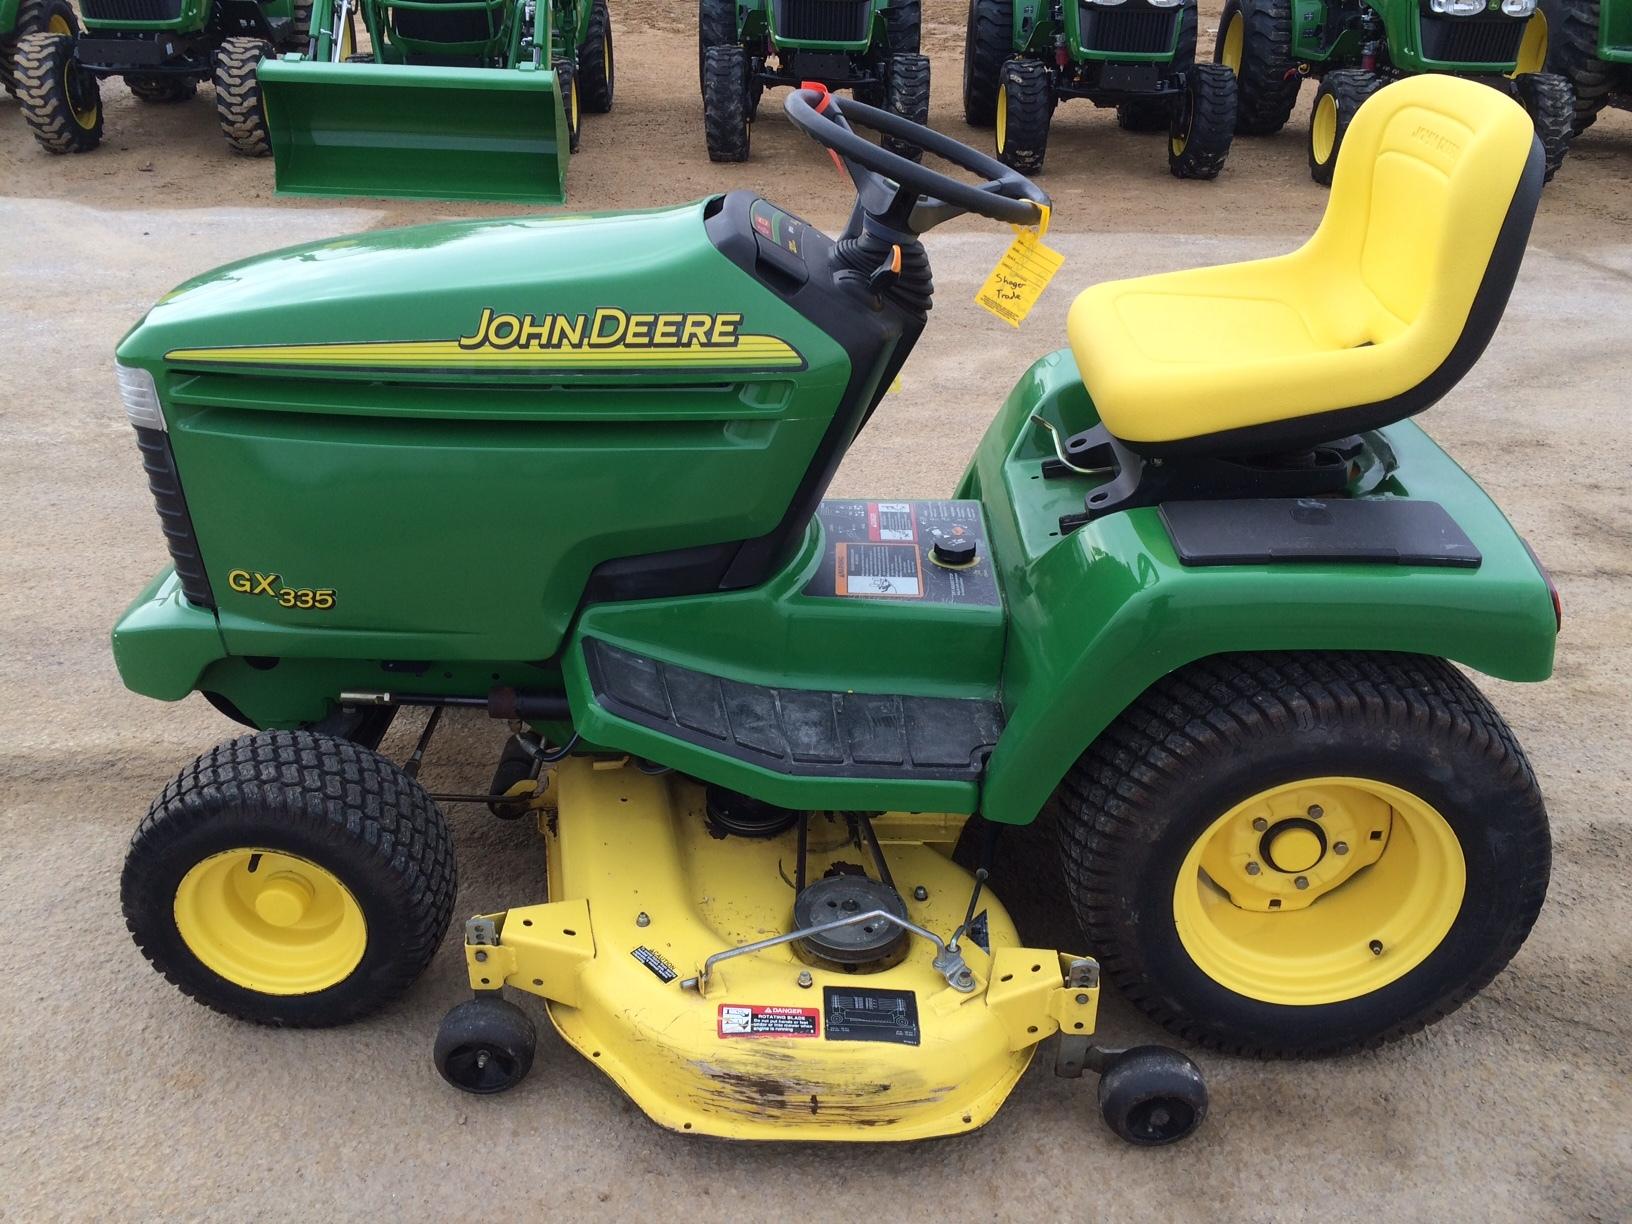 John Deere GX335 Lawn & Garden Tractors for Sale | [55135]